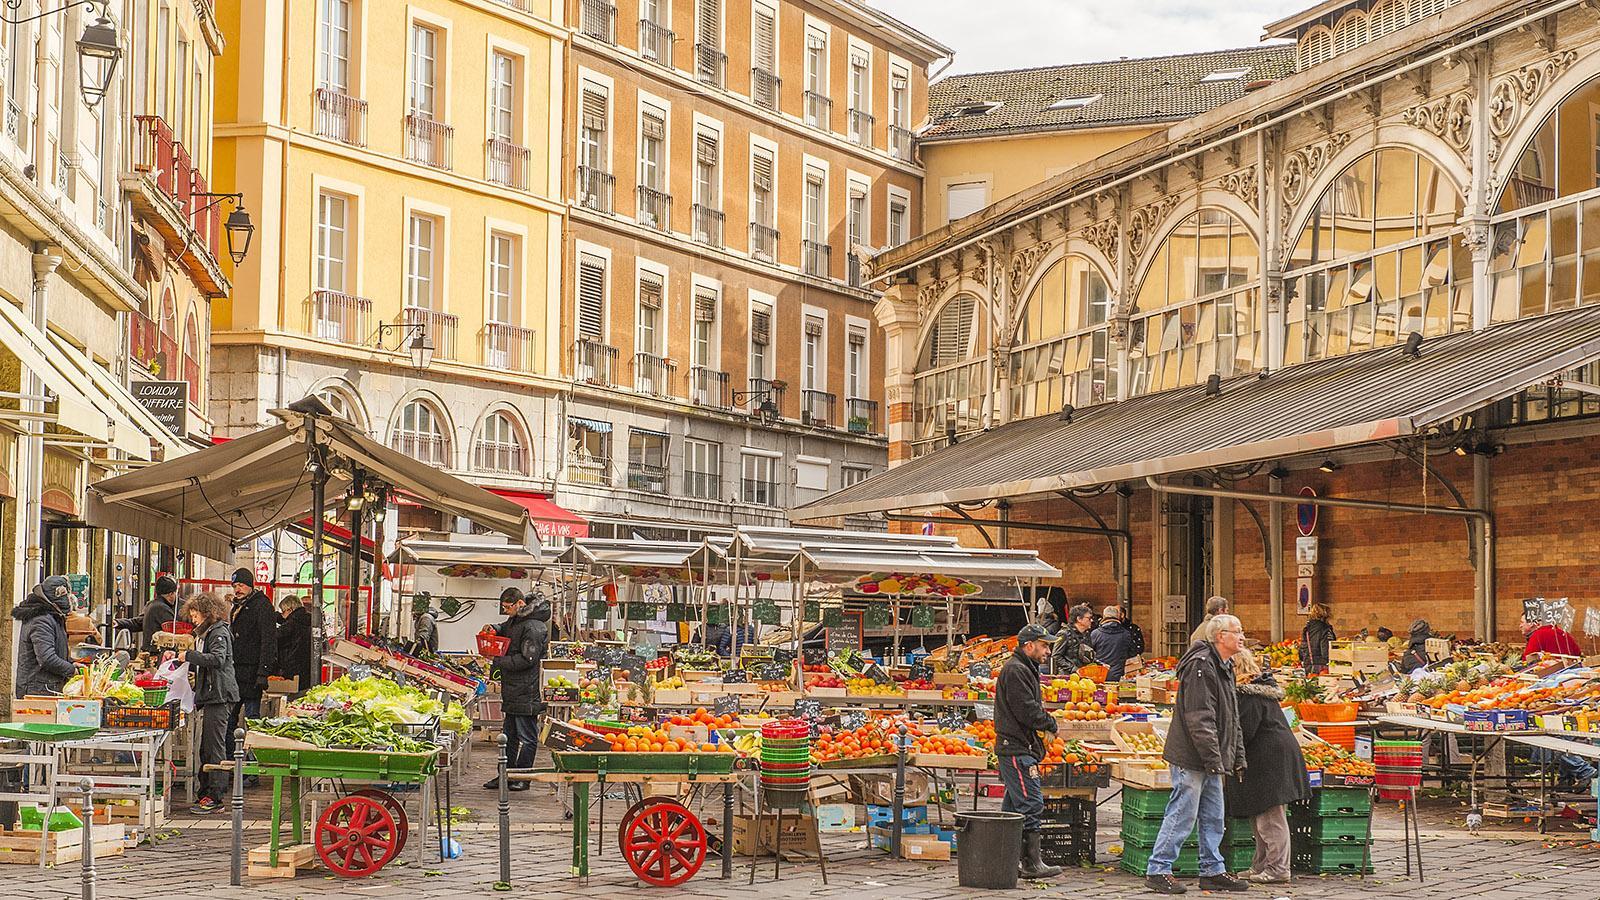 Die Markthalle von Grenoble. Foto: Hilke Maunder